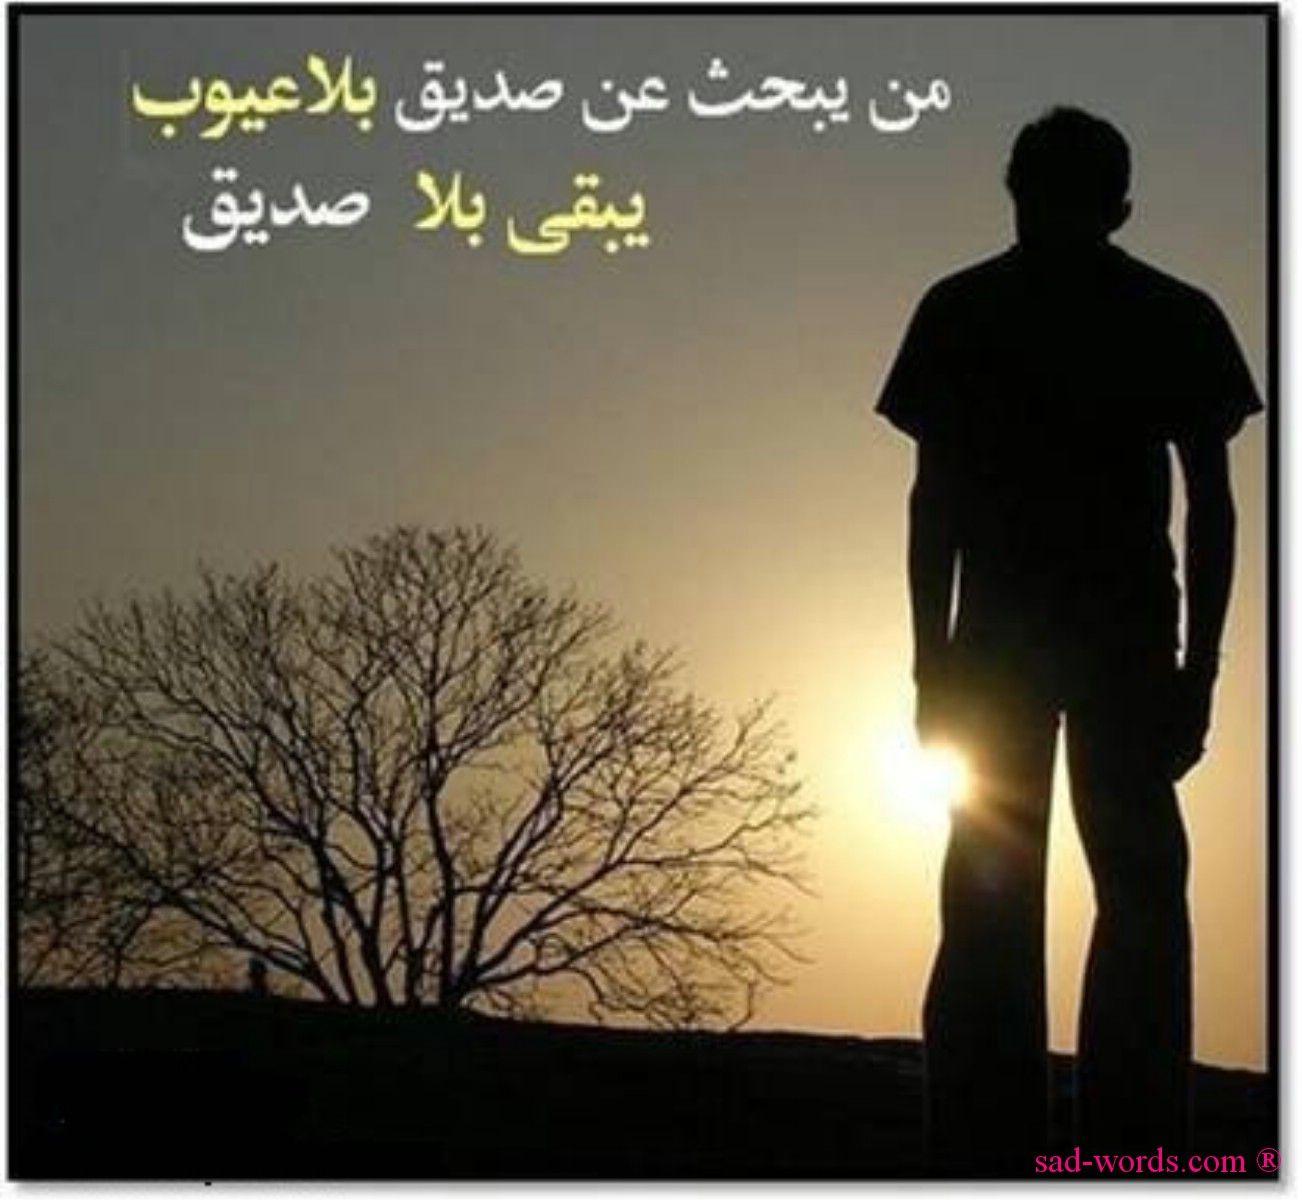 بالصور خيانة الصديق شعر مؤلم كلمات , اشعار معبرة عن الغدر والخيانه 949 9